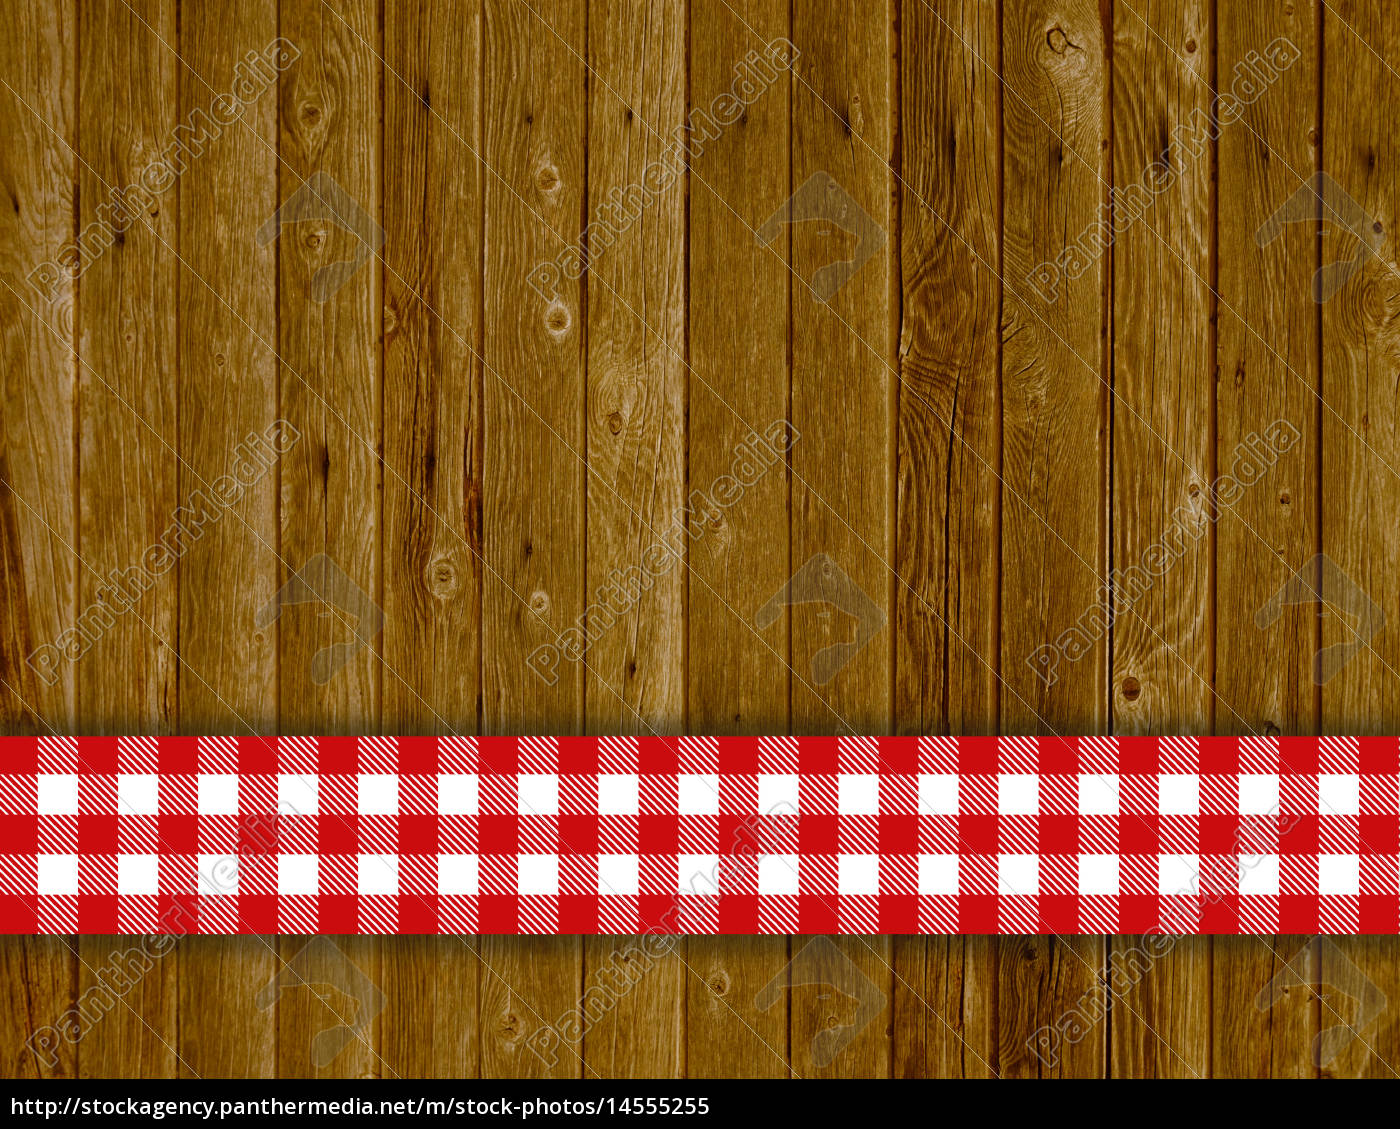 rustikaler holz hintergrund mit rot weisser tischdecke lizenzfreies bild 14555255. Black Bedroom Furniture Sets. Home Design Ideas